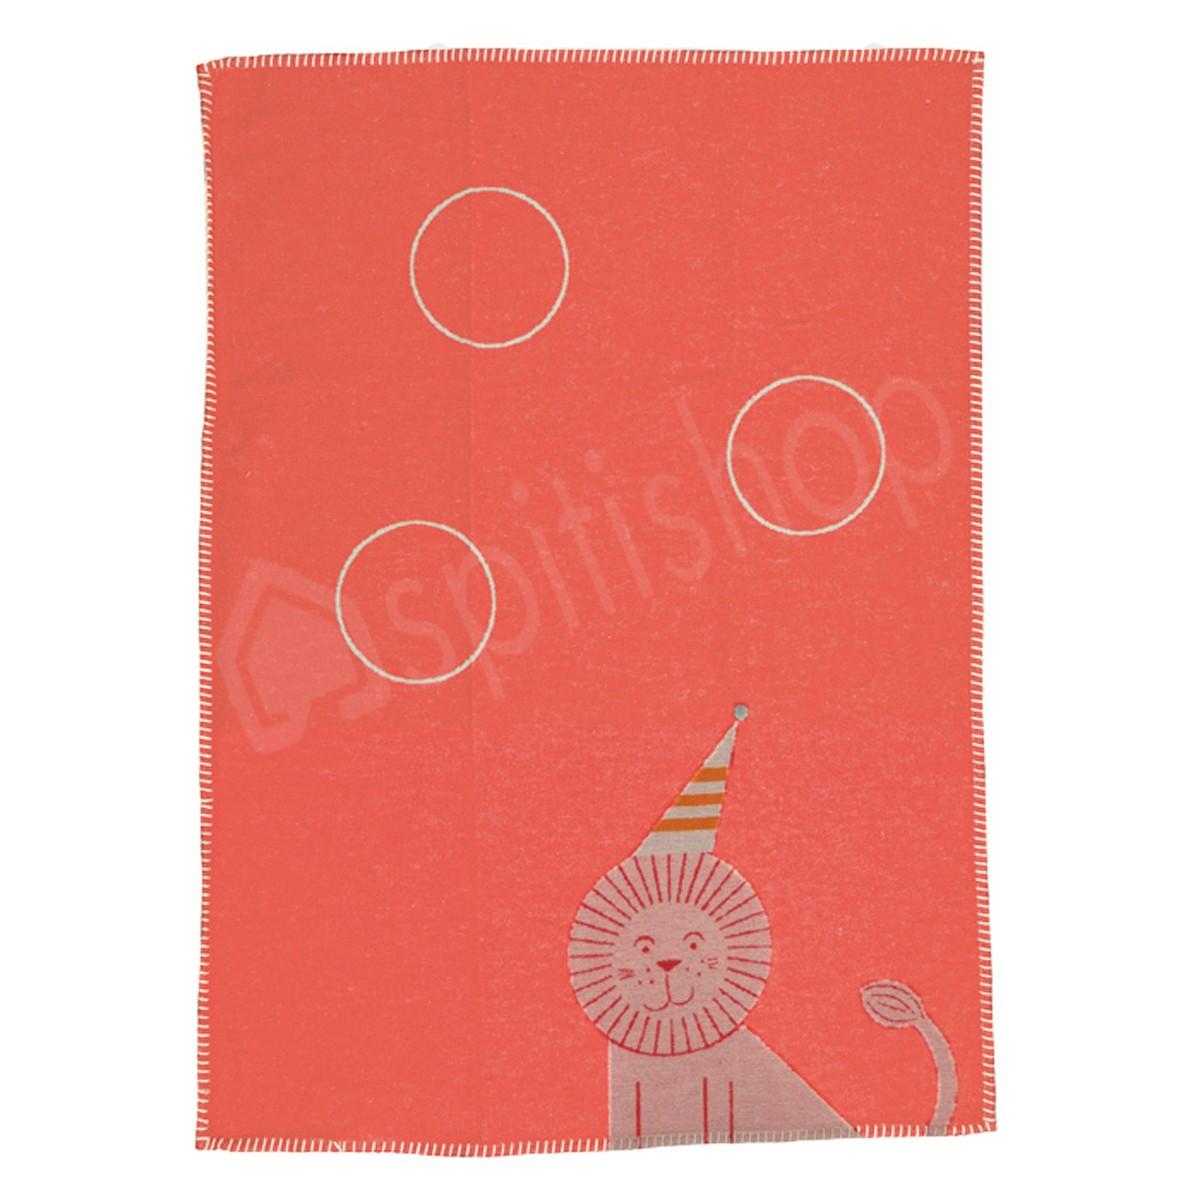 Κουβέρτα Fleece Αγκαλιάς David Fussenegger Lili 6629/11 home   βρεφικά   κουβέρτες βρεφικές   κουβέρτες fleece